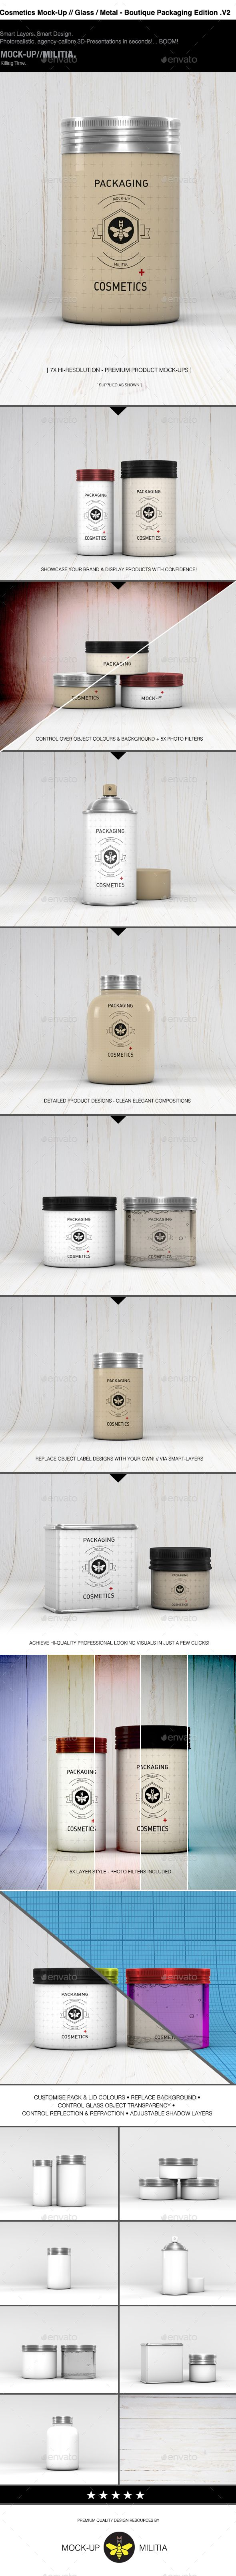 Cosmetics   Grooming Kit   Toiletries   Mock-Up   2 - Beauty Packaging